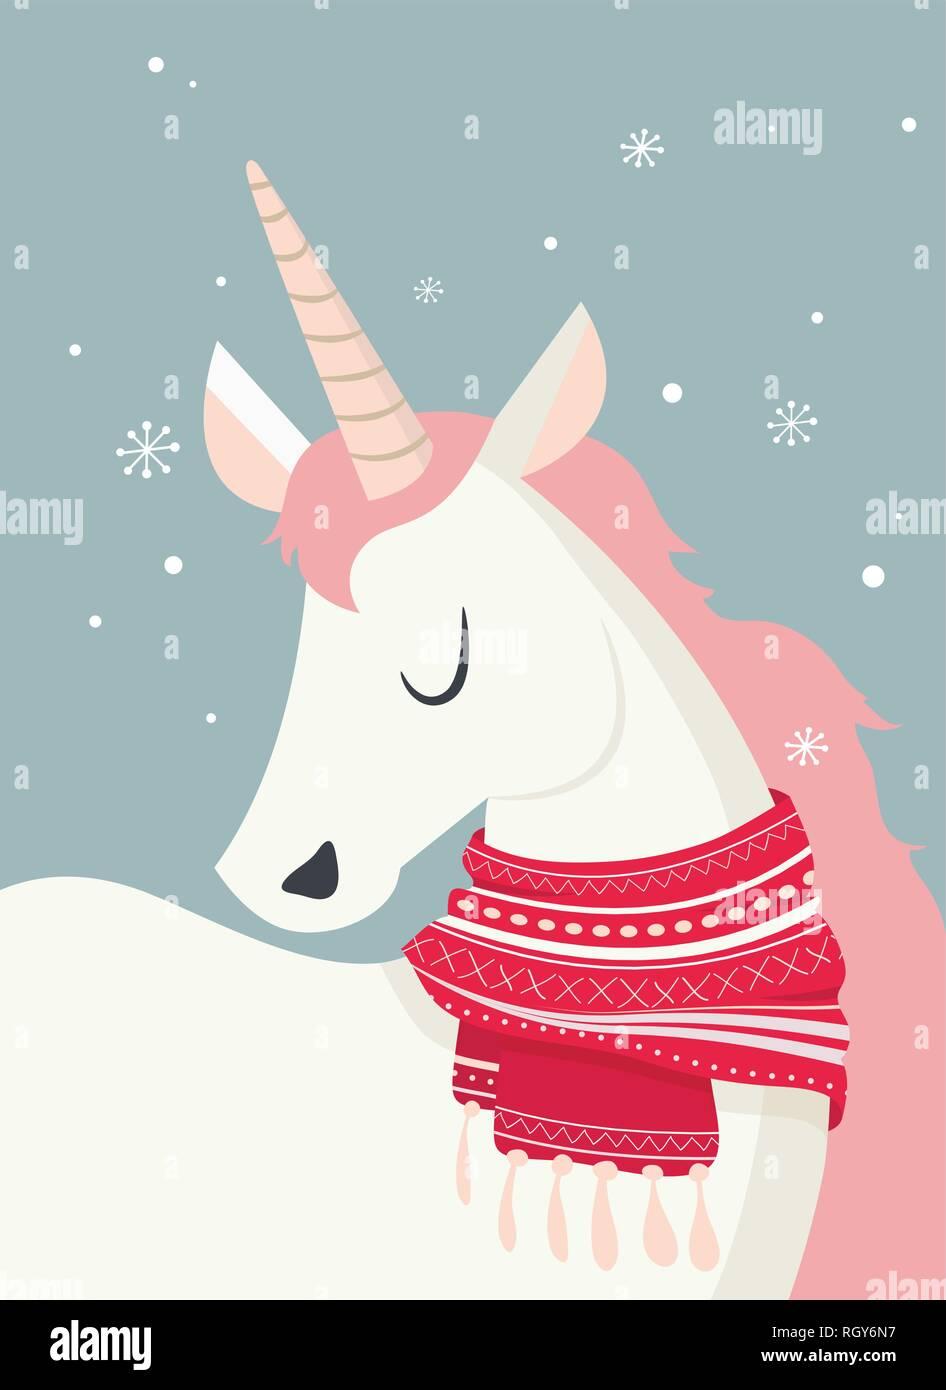 Unicornio mágico en invierno scine. Feliz Navidad y feliz año nuevo. ilustración vectorial Ilustración del Vector